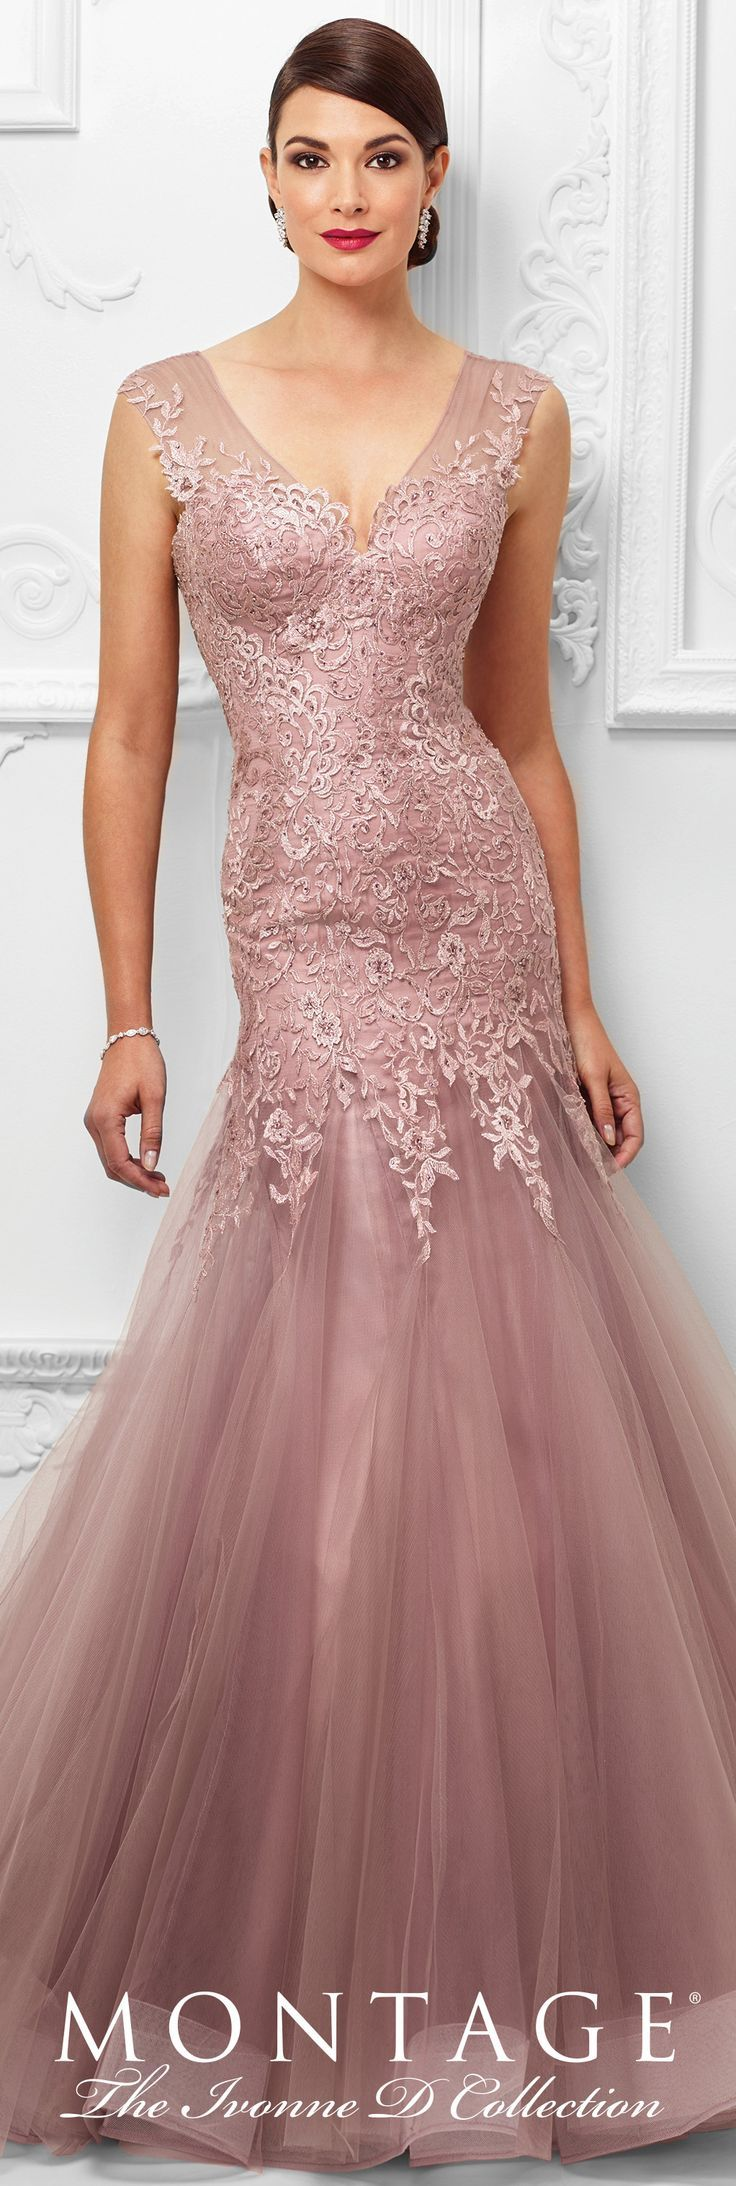 Encantador Modeladoras Para El Vestido De Novia Inspiración ...